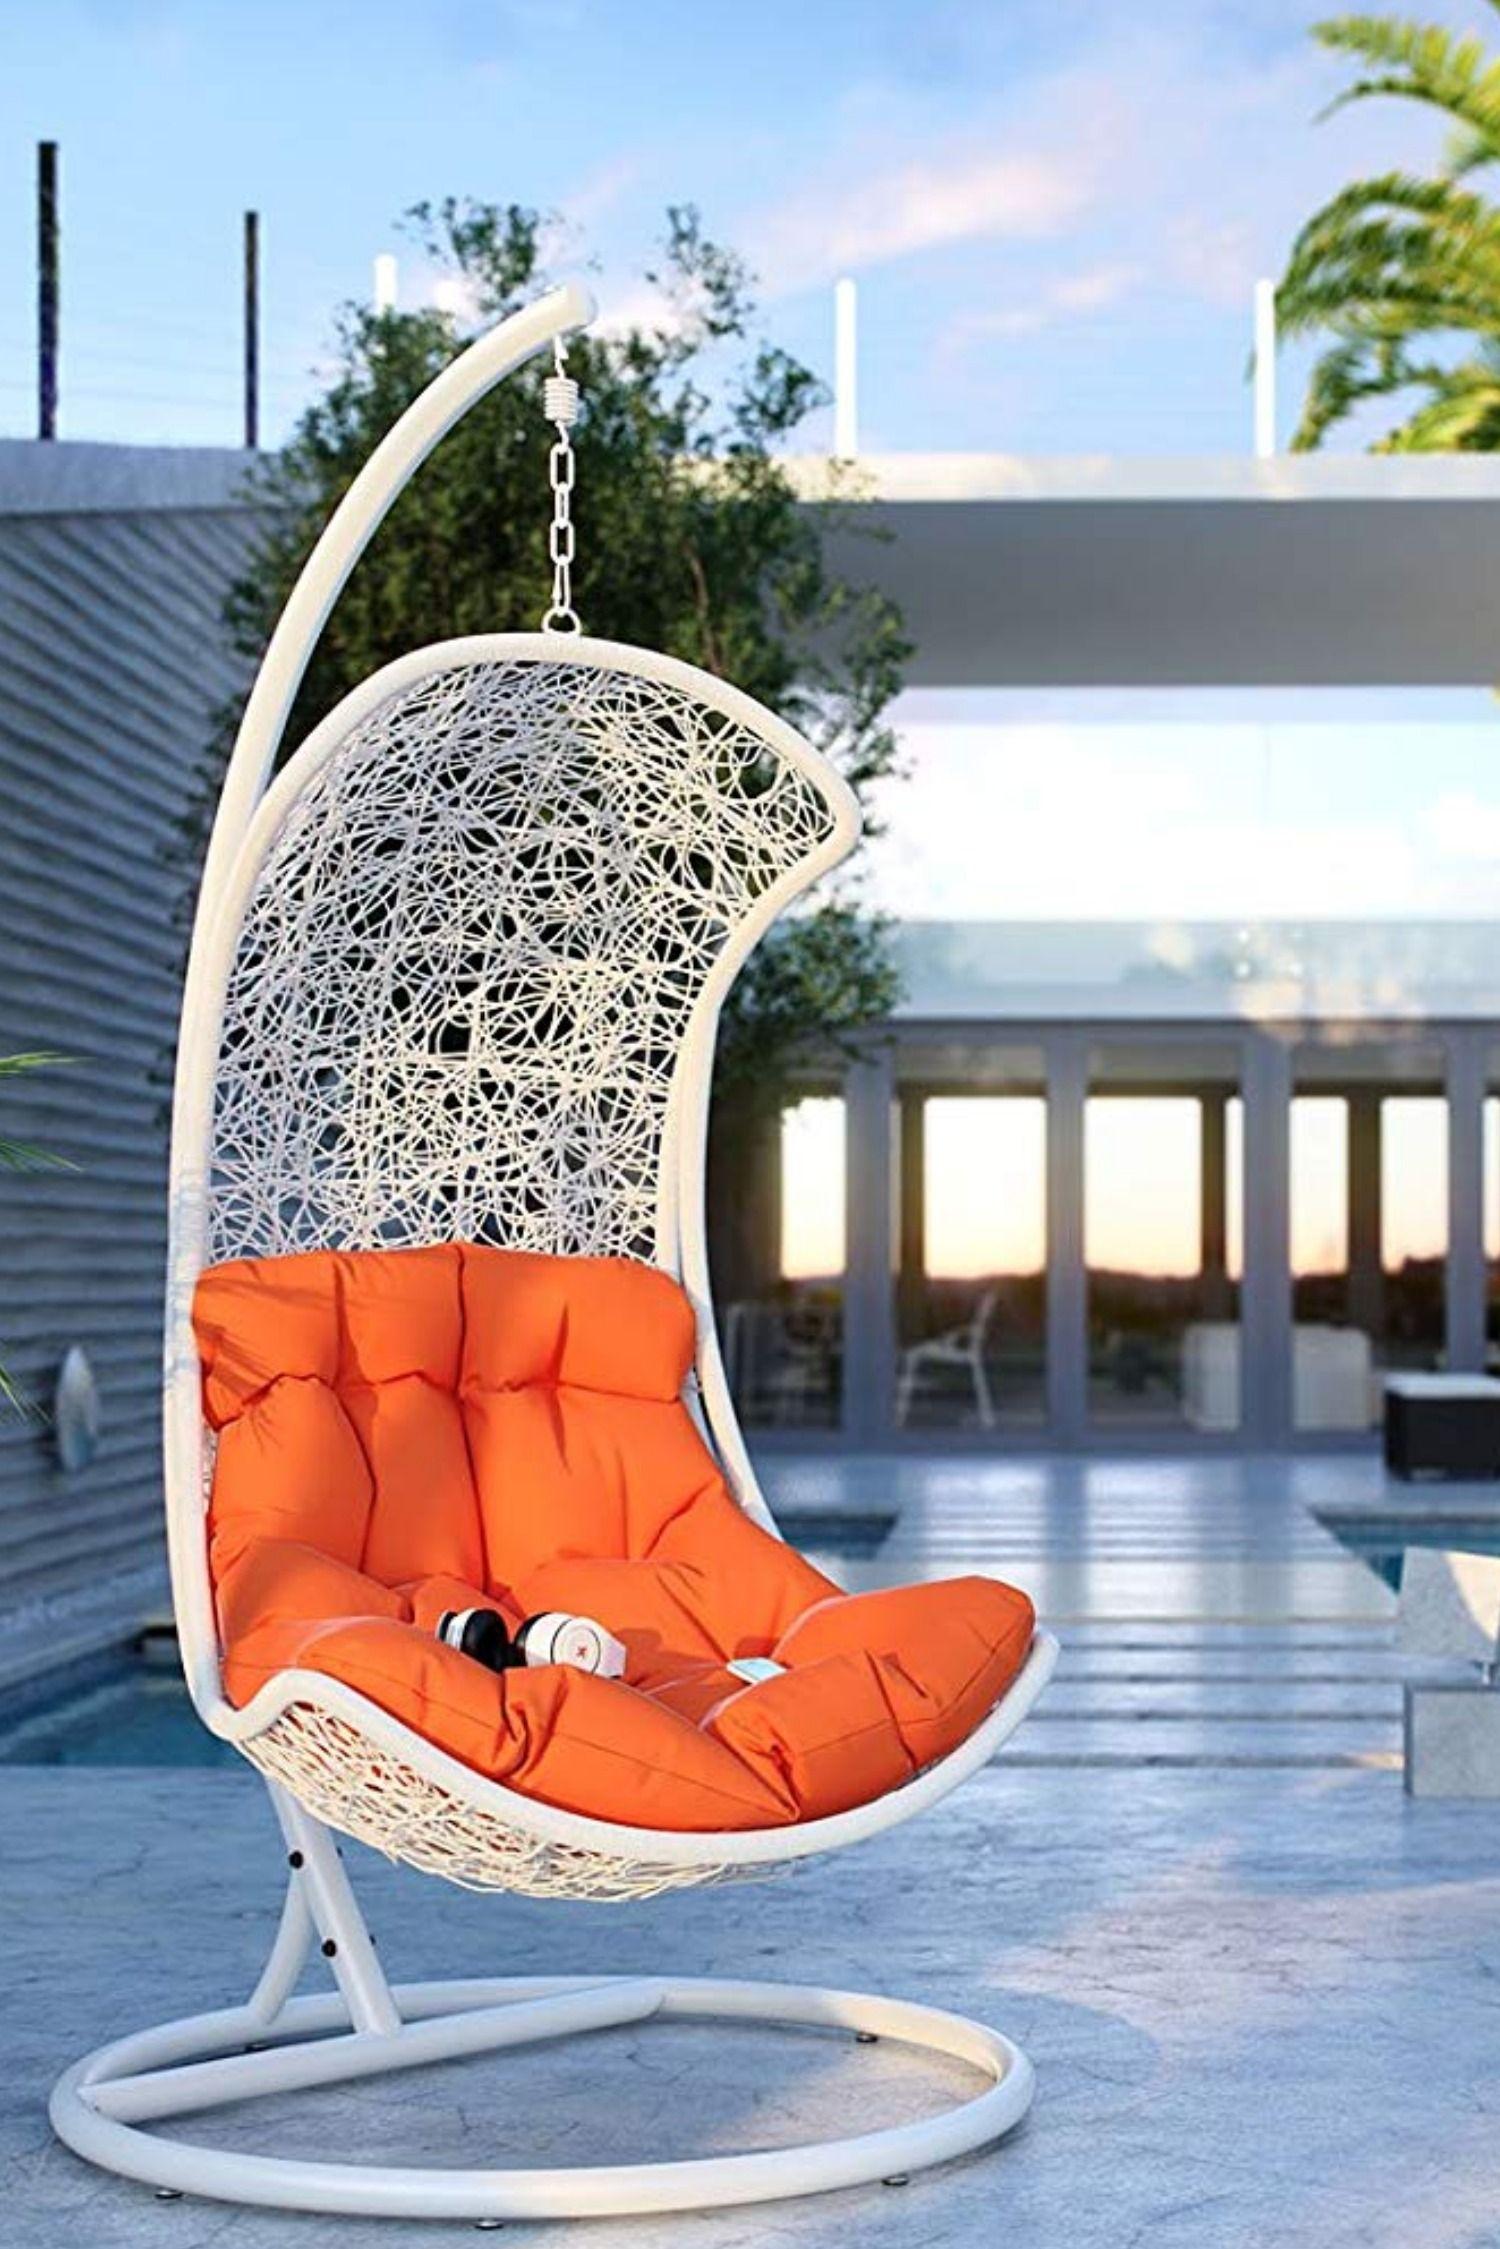 Outdoor Wicker Patio Swing Chair Set Hanging Chair Outdoor Patio Swing Chair White Wicker Chair